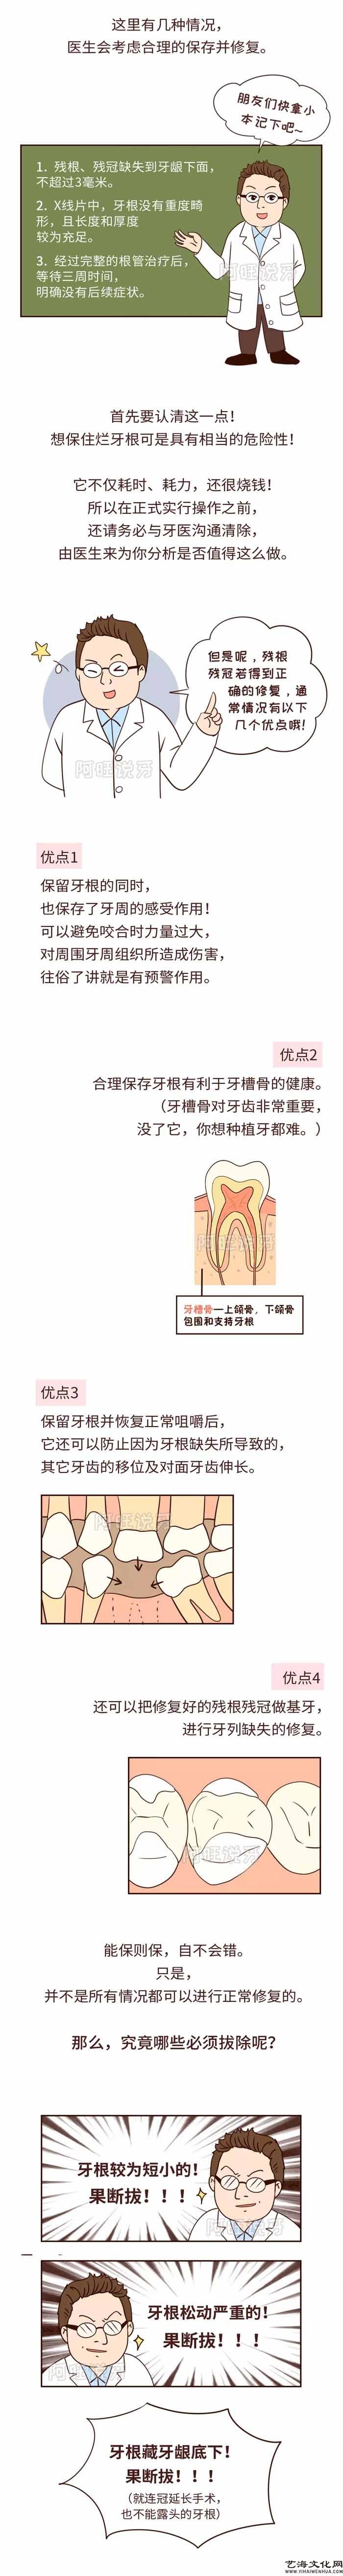 640 (2)_看图王